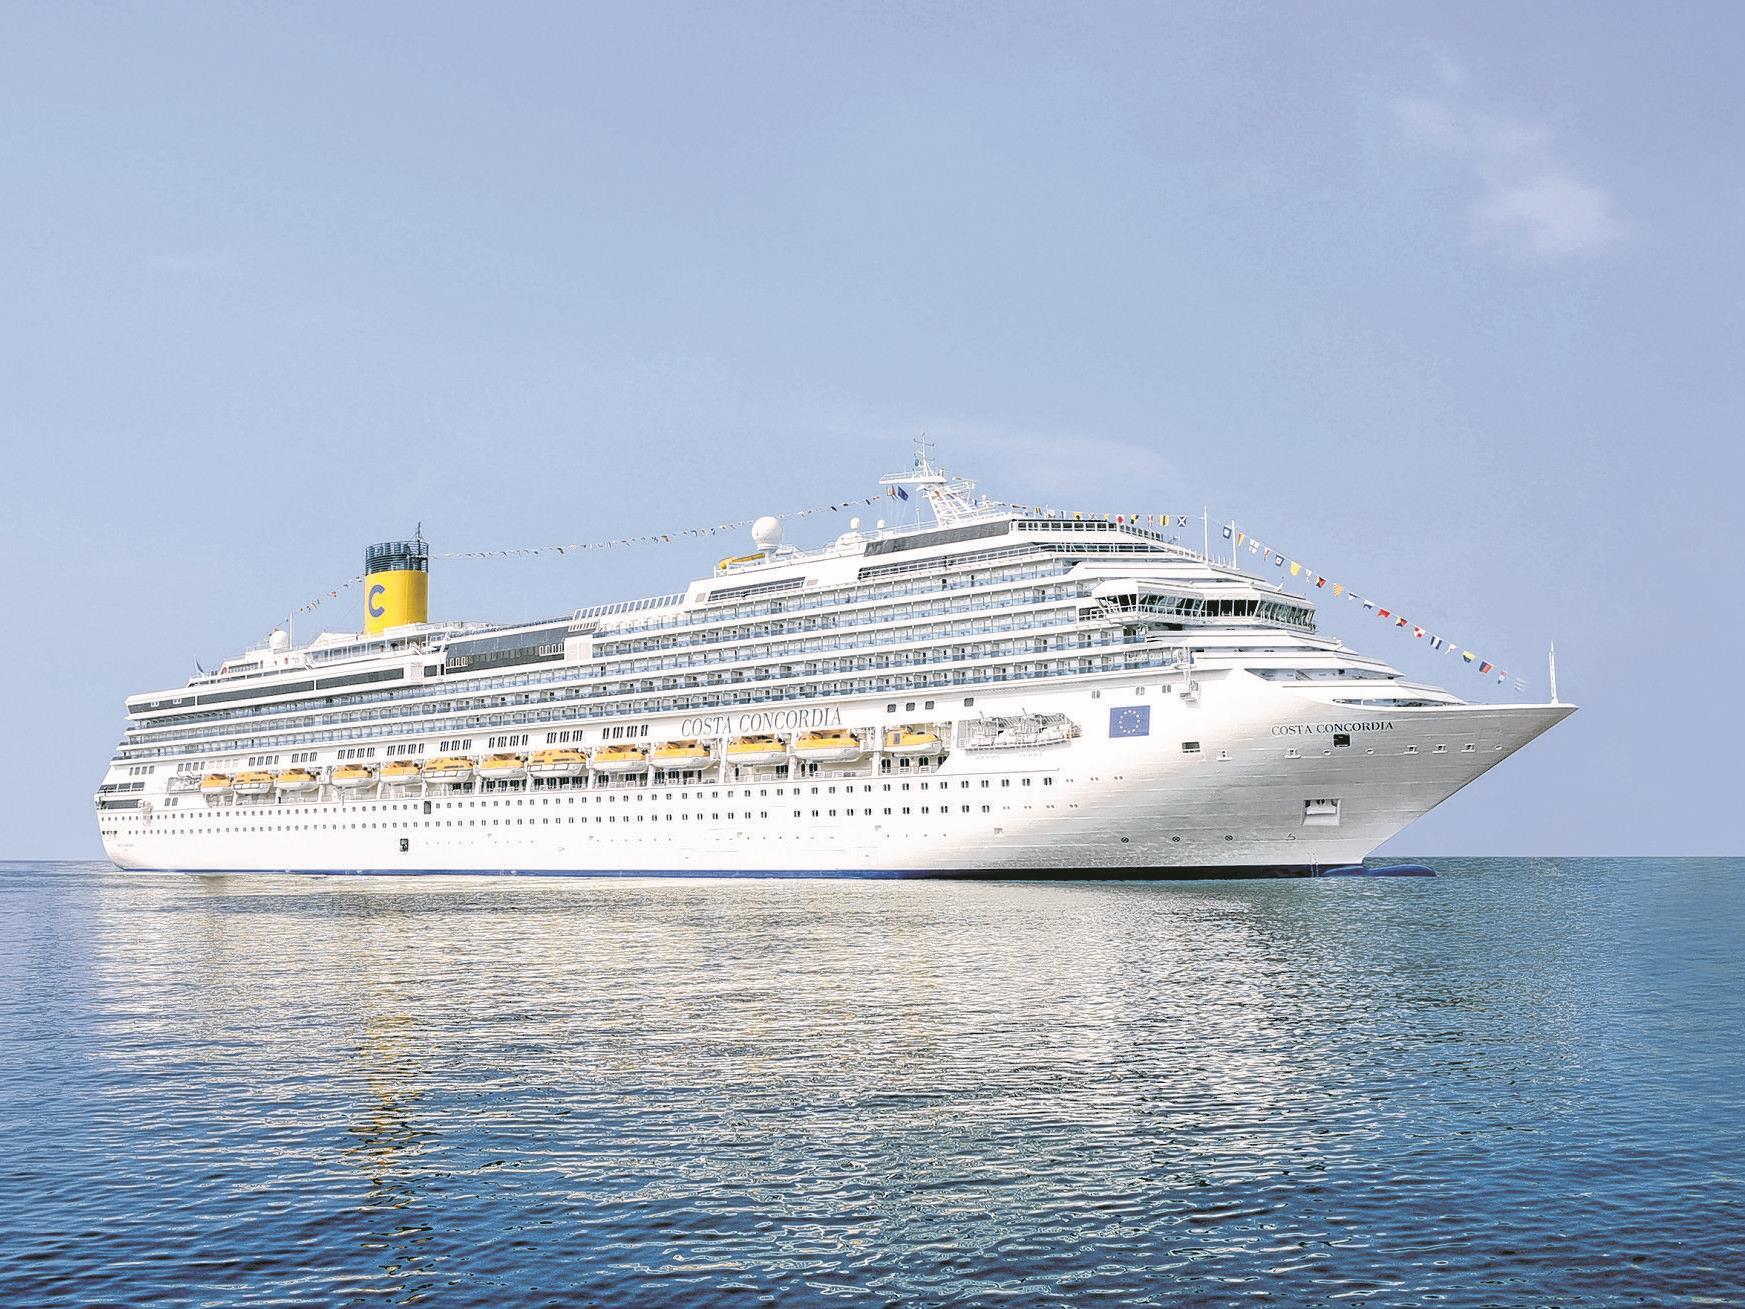 Mit der Costa Concordia durchs westliche Mittelmeer